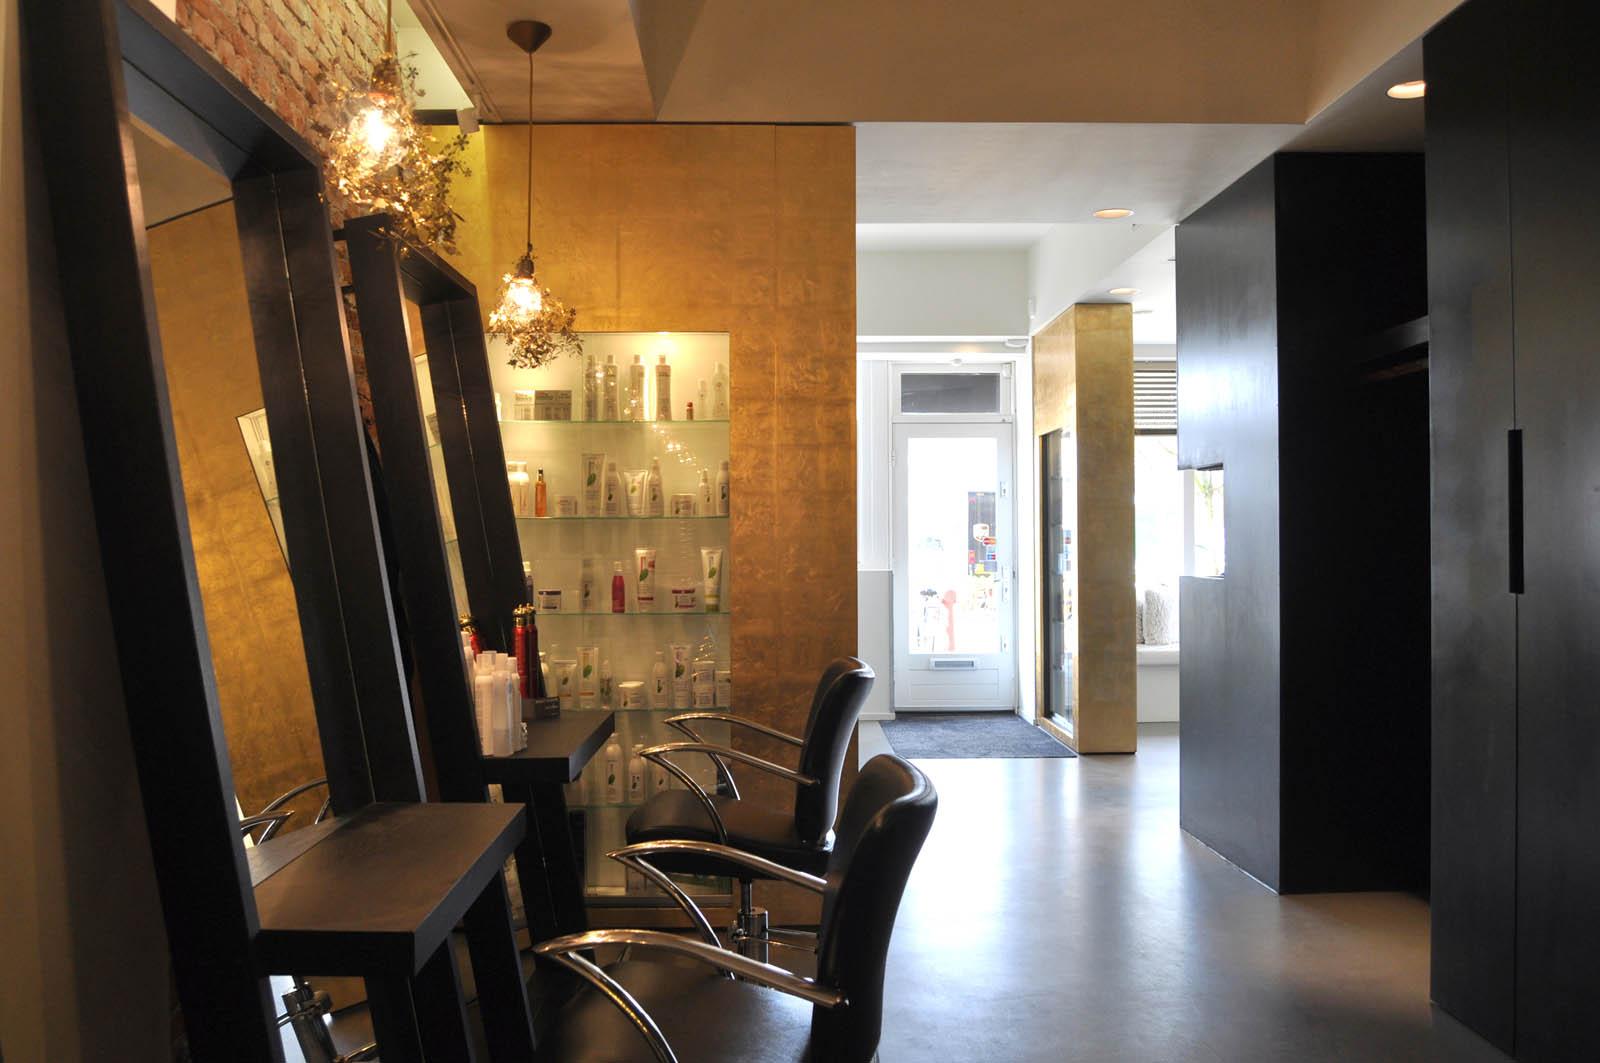 Cabinet, Beauty salon by Jeroen de Nijs